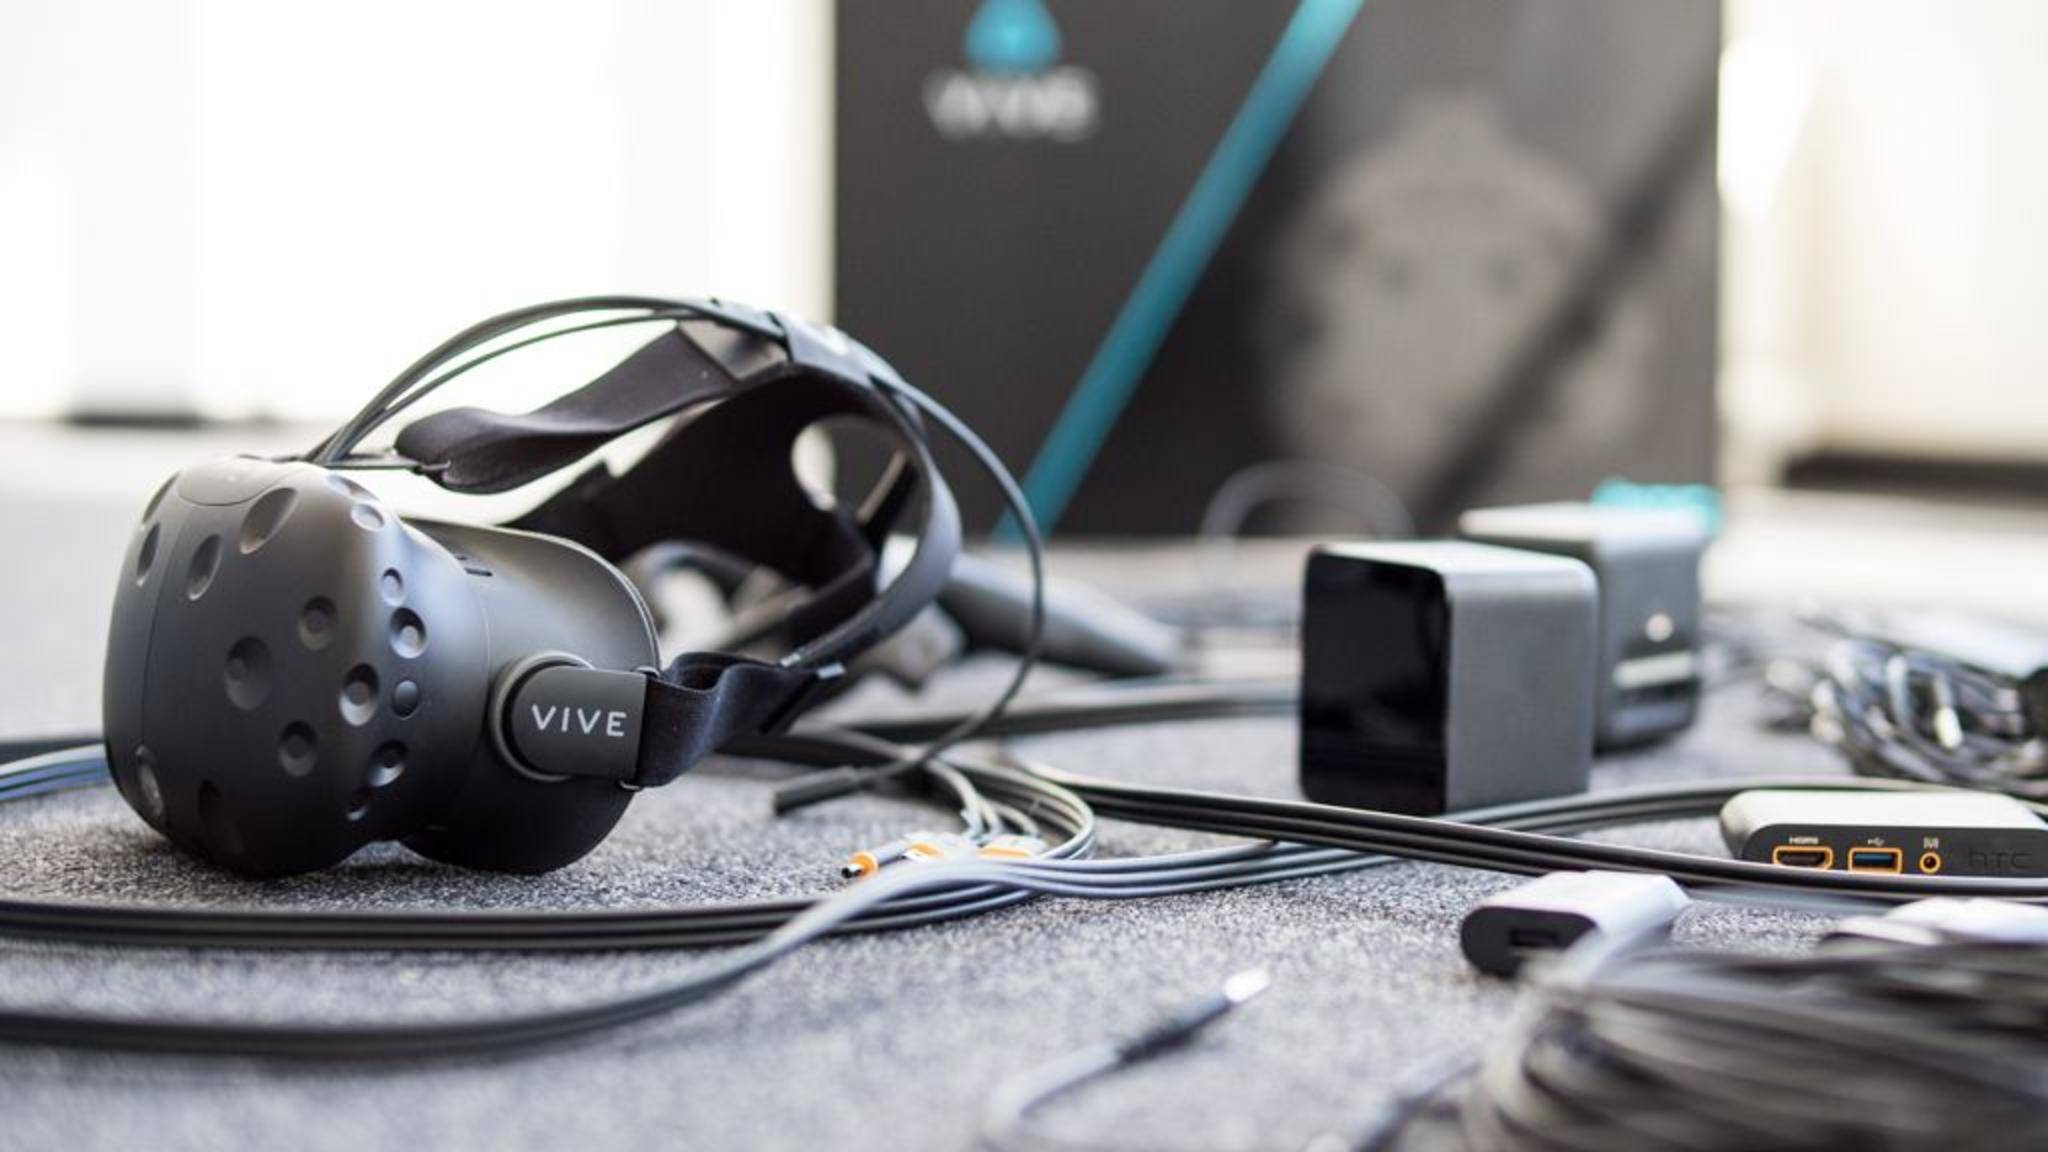 Virtual Reality-Brillen wie die HTC Vive gehörten zu den größten Technik-Trends des Jahres 2016.